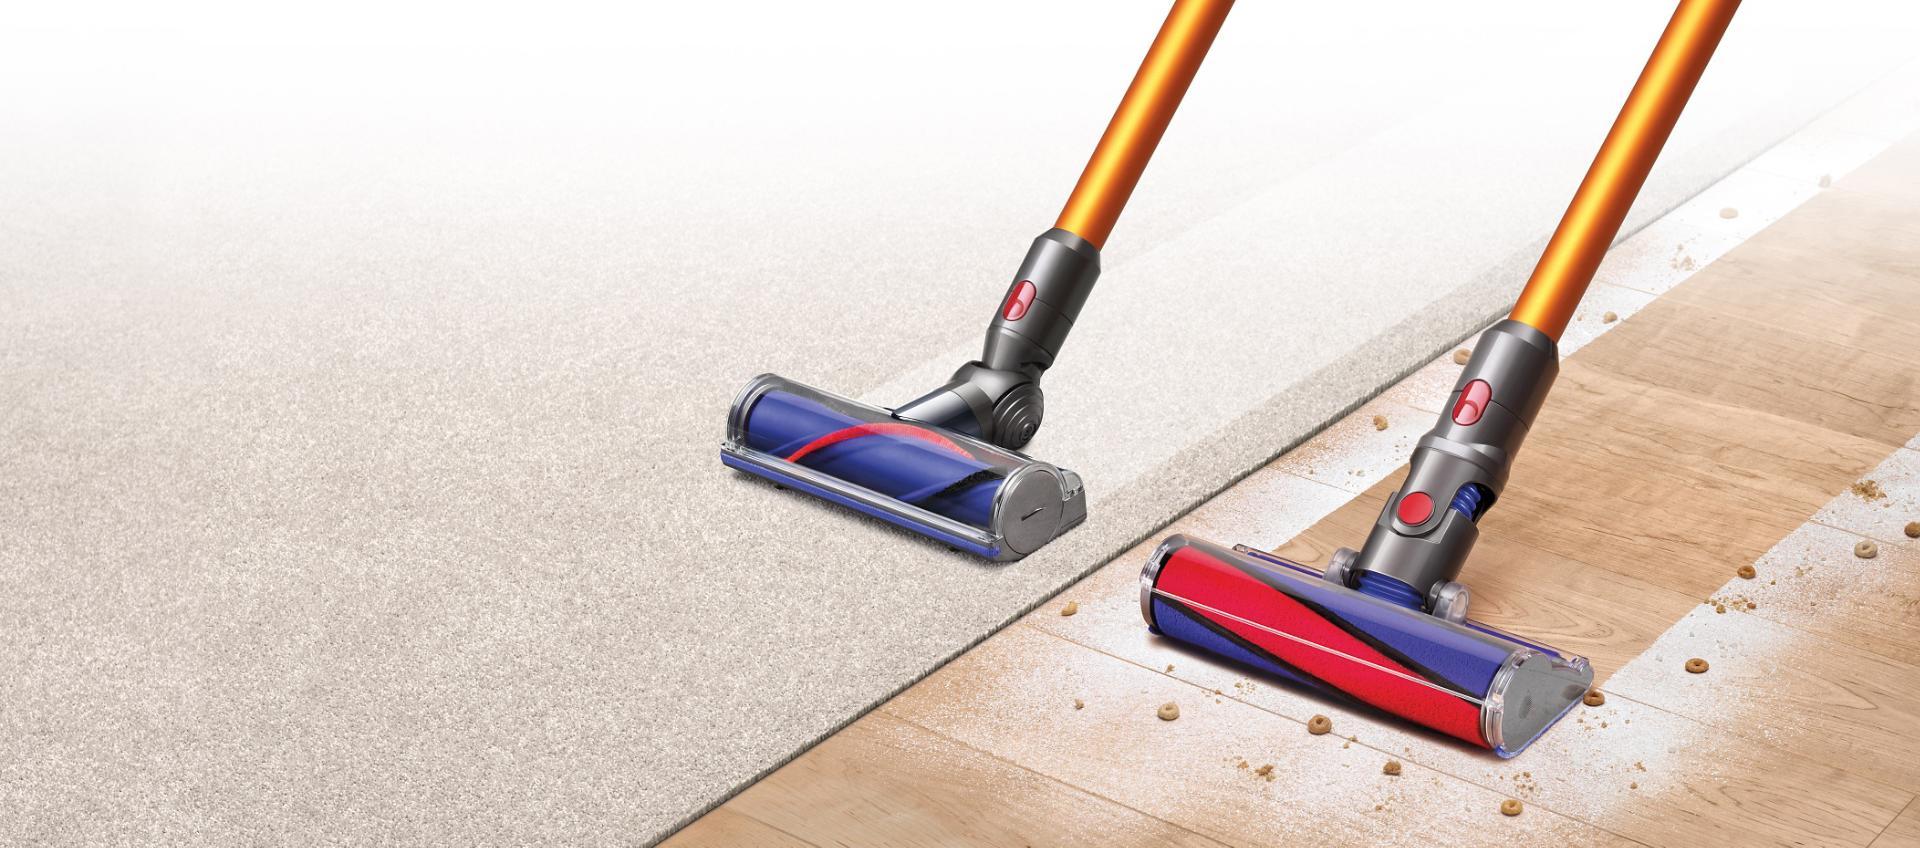 שני שואבי אבק Dyson V8 זה לצד זה על שטיח ורצפות